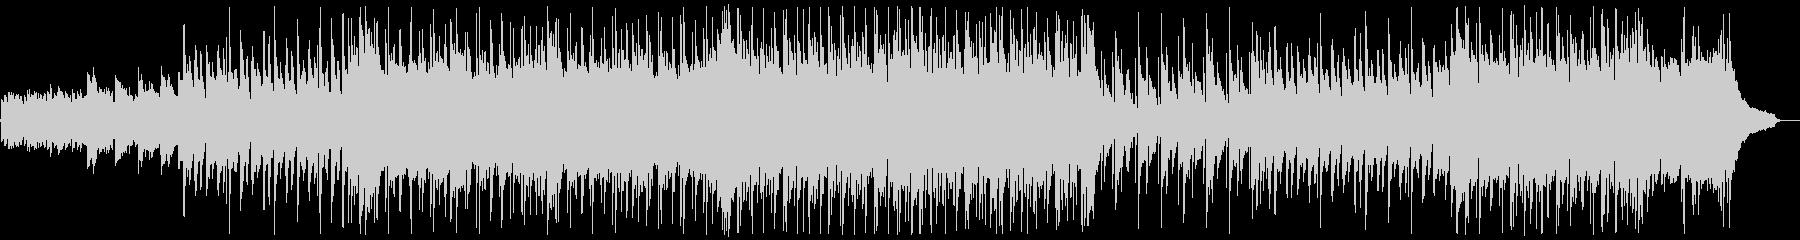 明るいフォークギターポップス:弦ぬきの未再生の波形